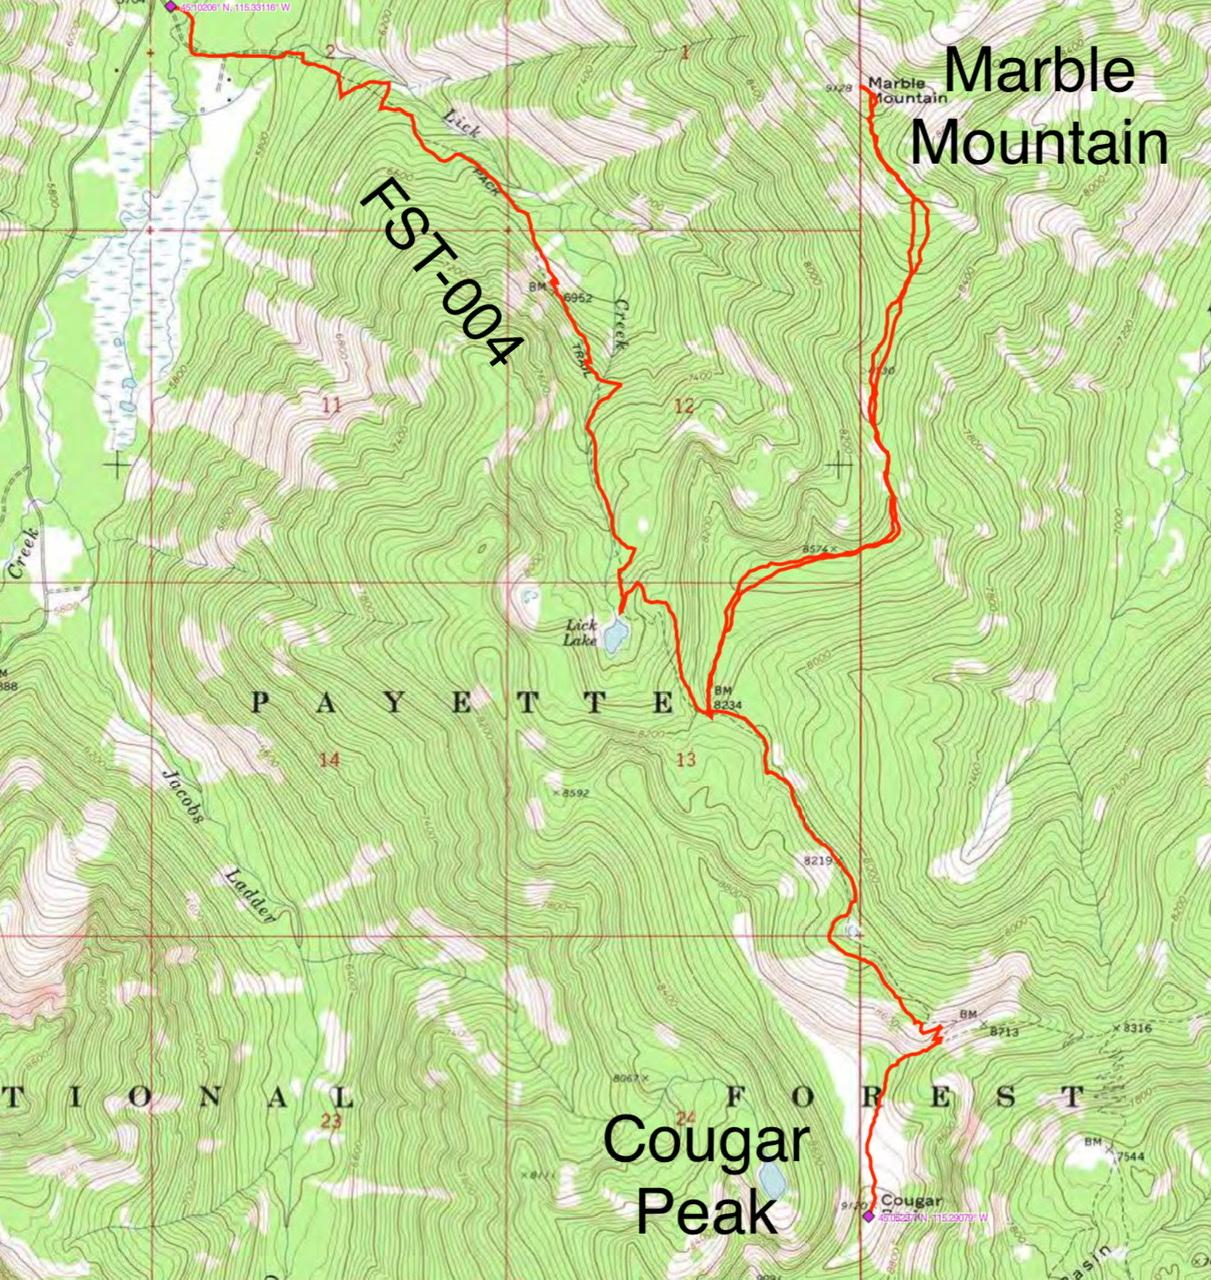 John Platt's GPS track for Marble Mountain and Cougar Peak